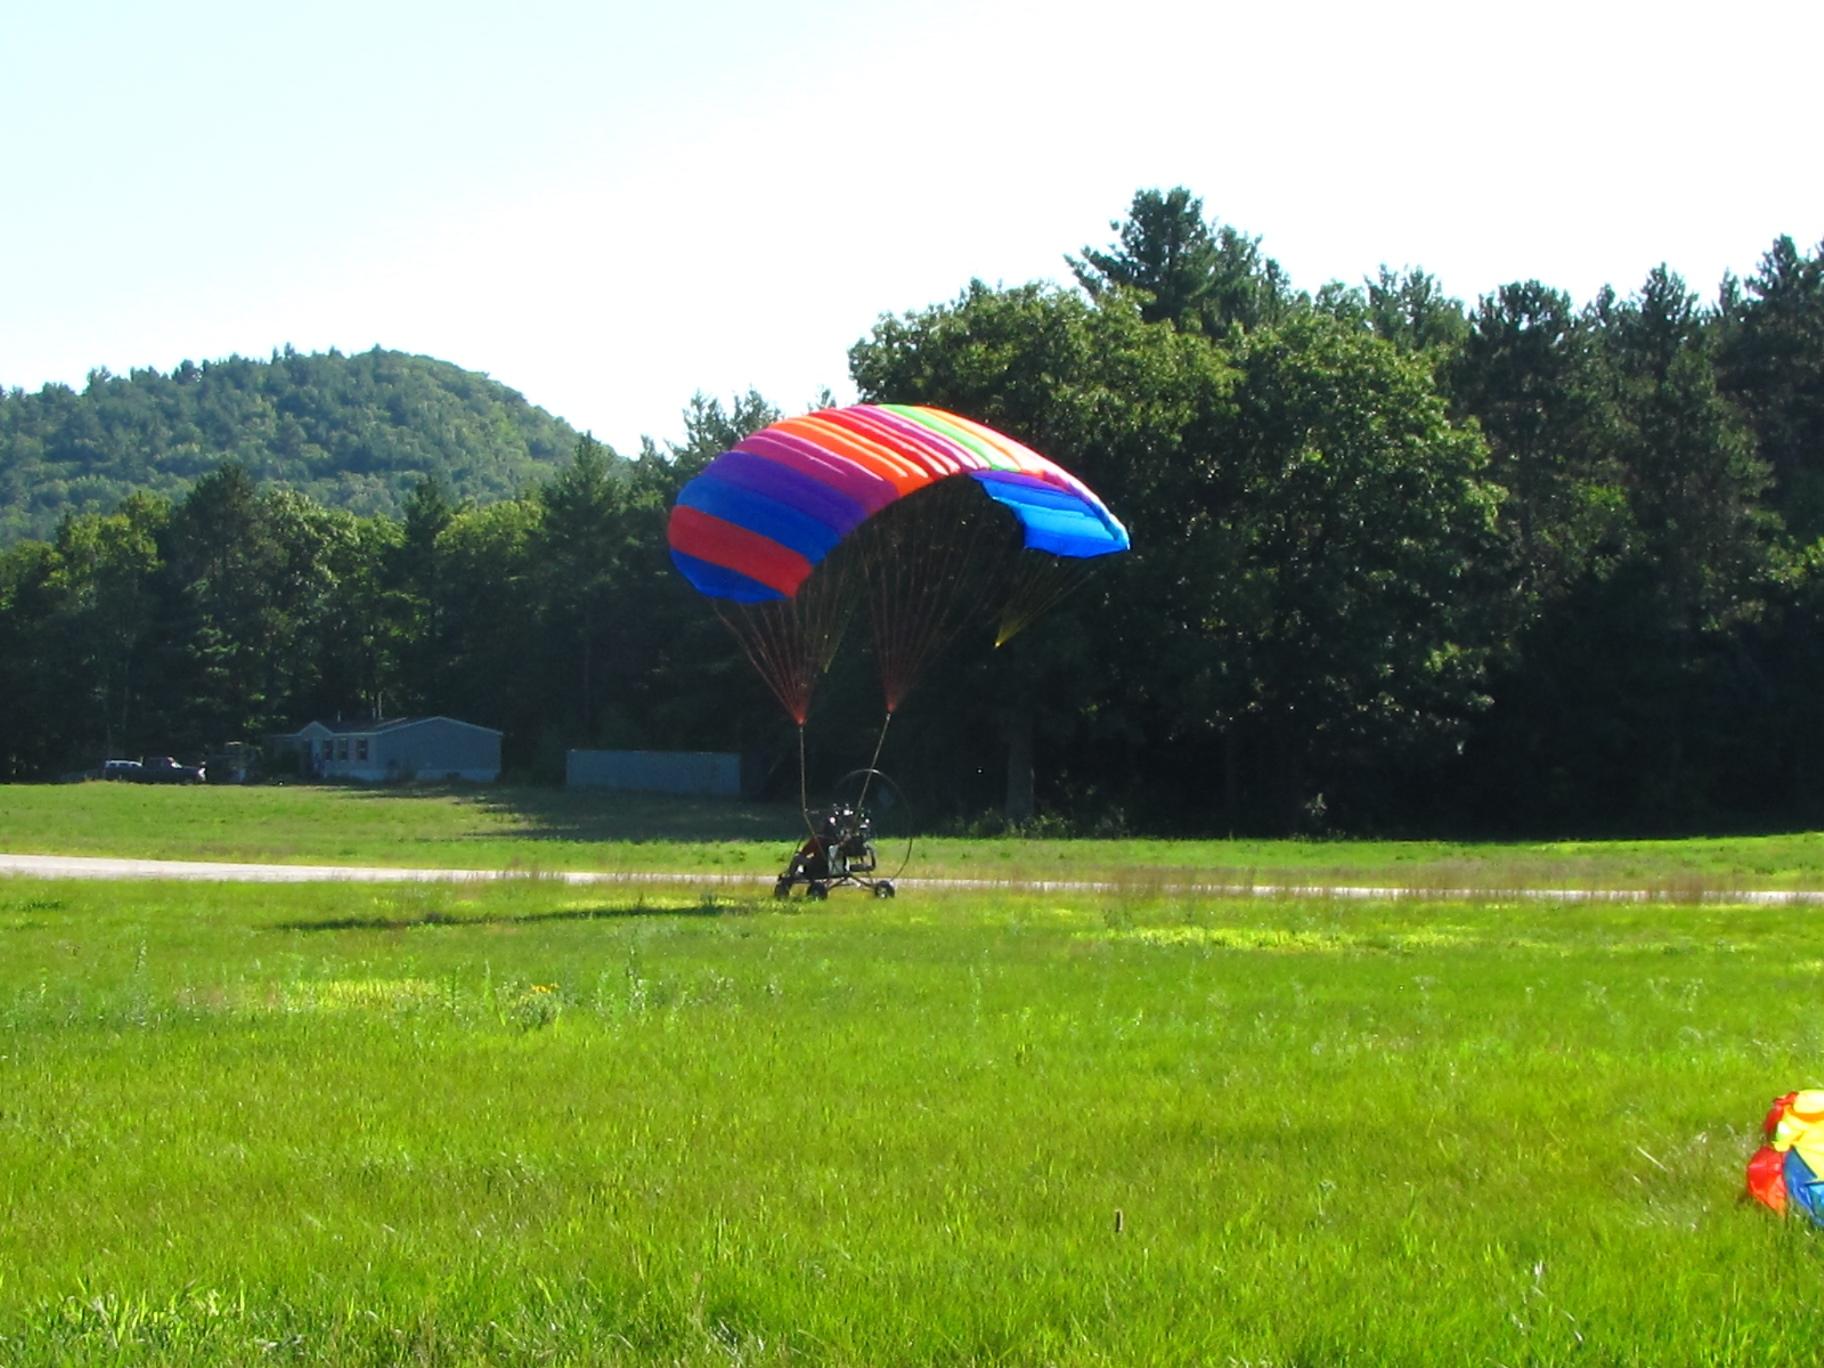 Sport Pilot Training Chutesup Powered Parachutes